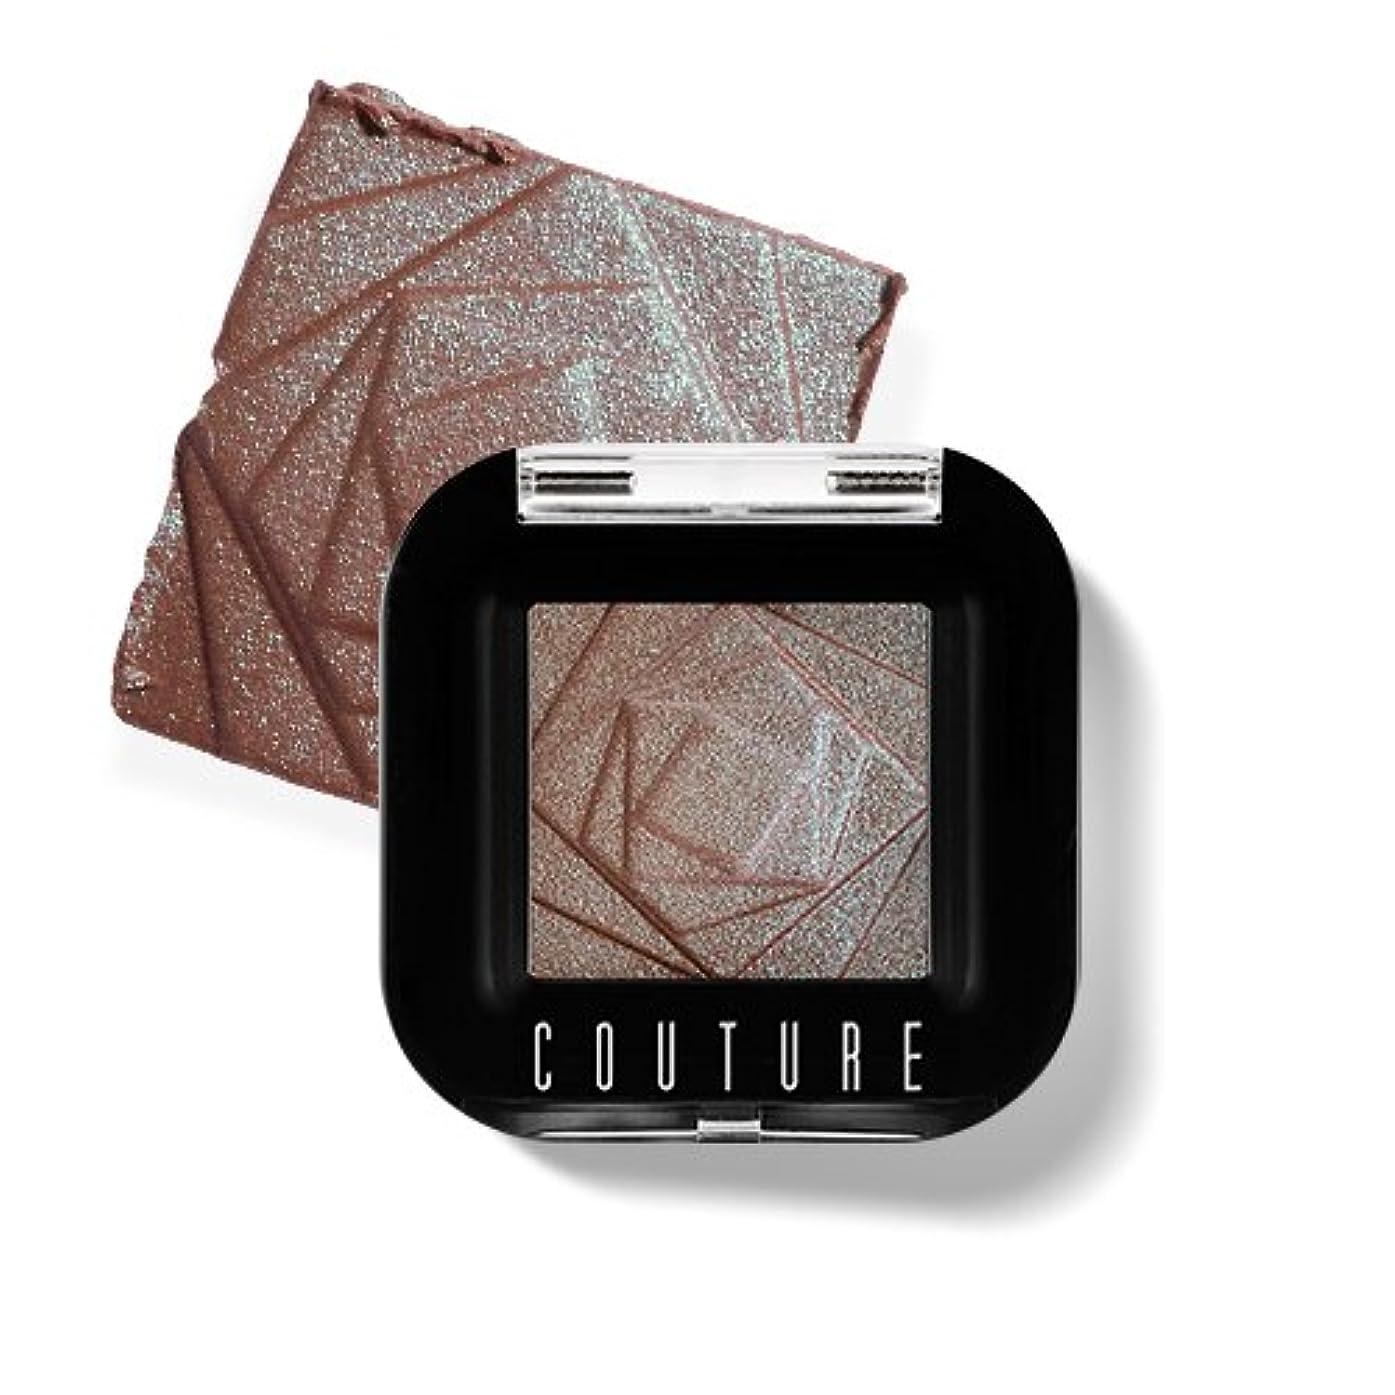 注入するに渡って撤回するAPIEU Couture Shadow (# 15) /アピュ/オピュ クチュールシャドウ [並行輸入品]